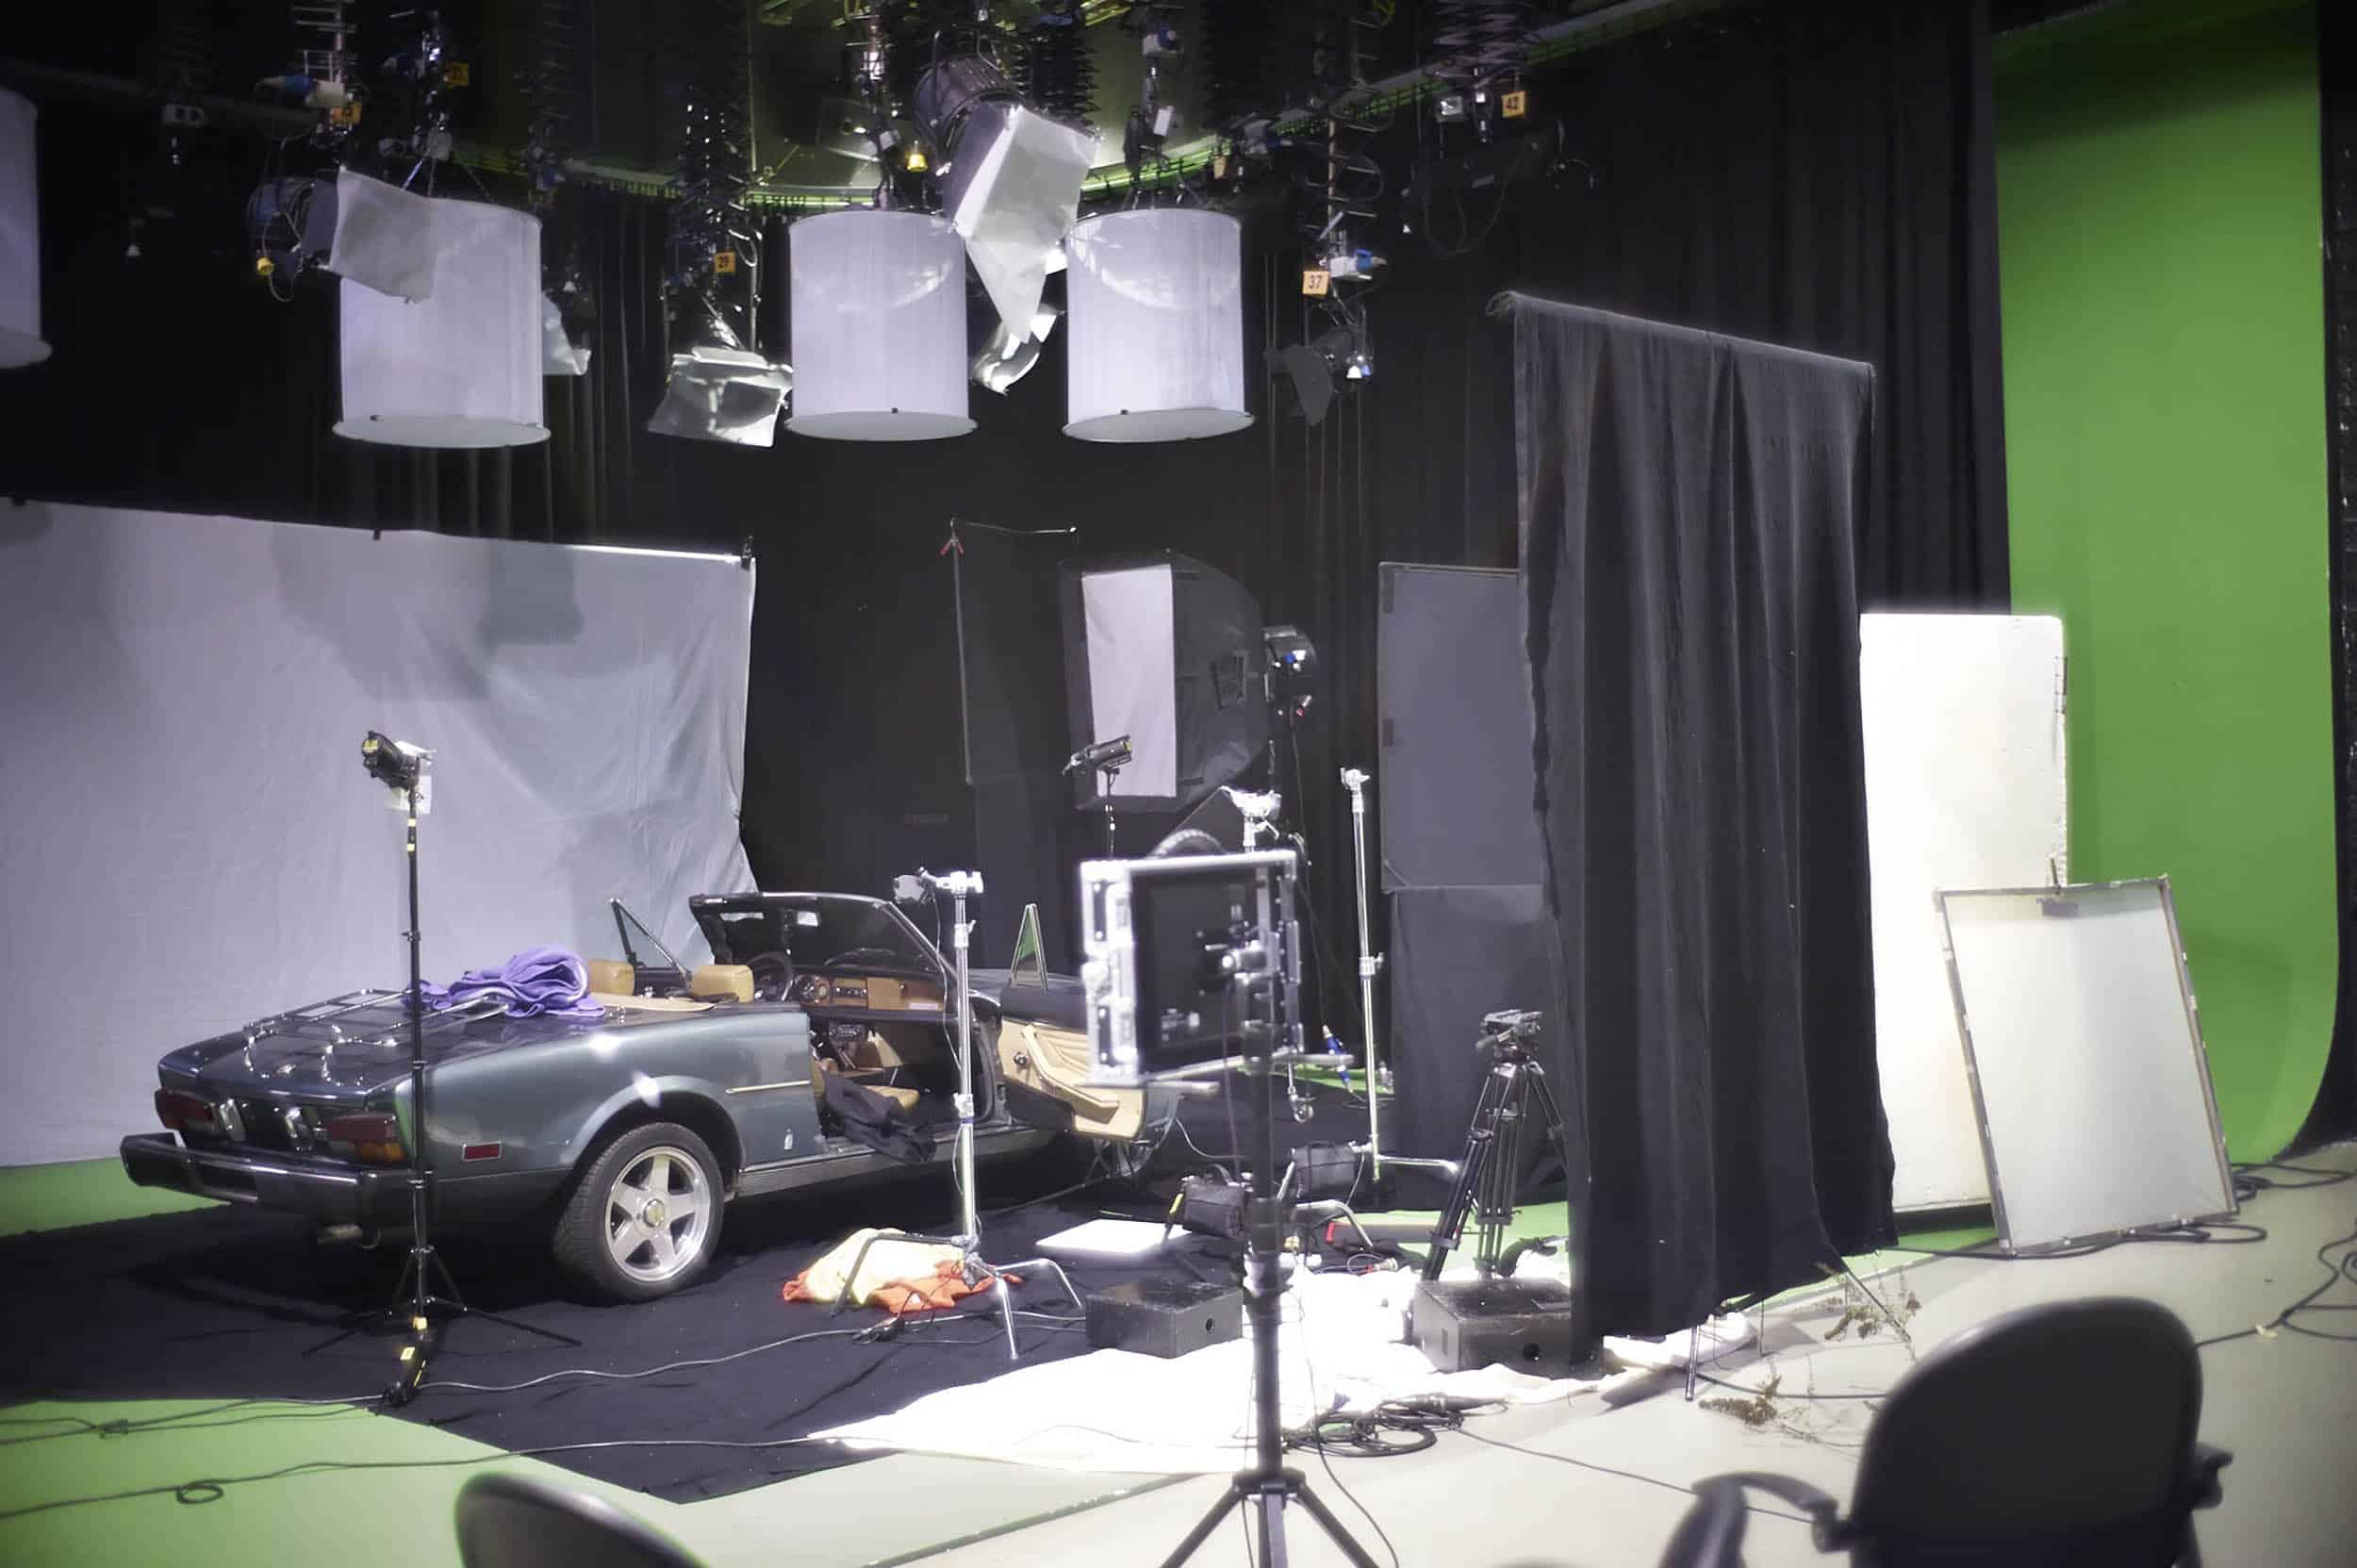 studio-ignatov-chopard-imagefilm-mille-miglia-02